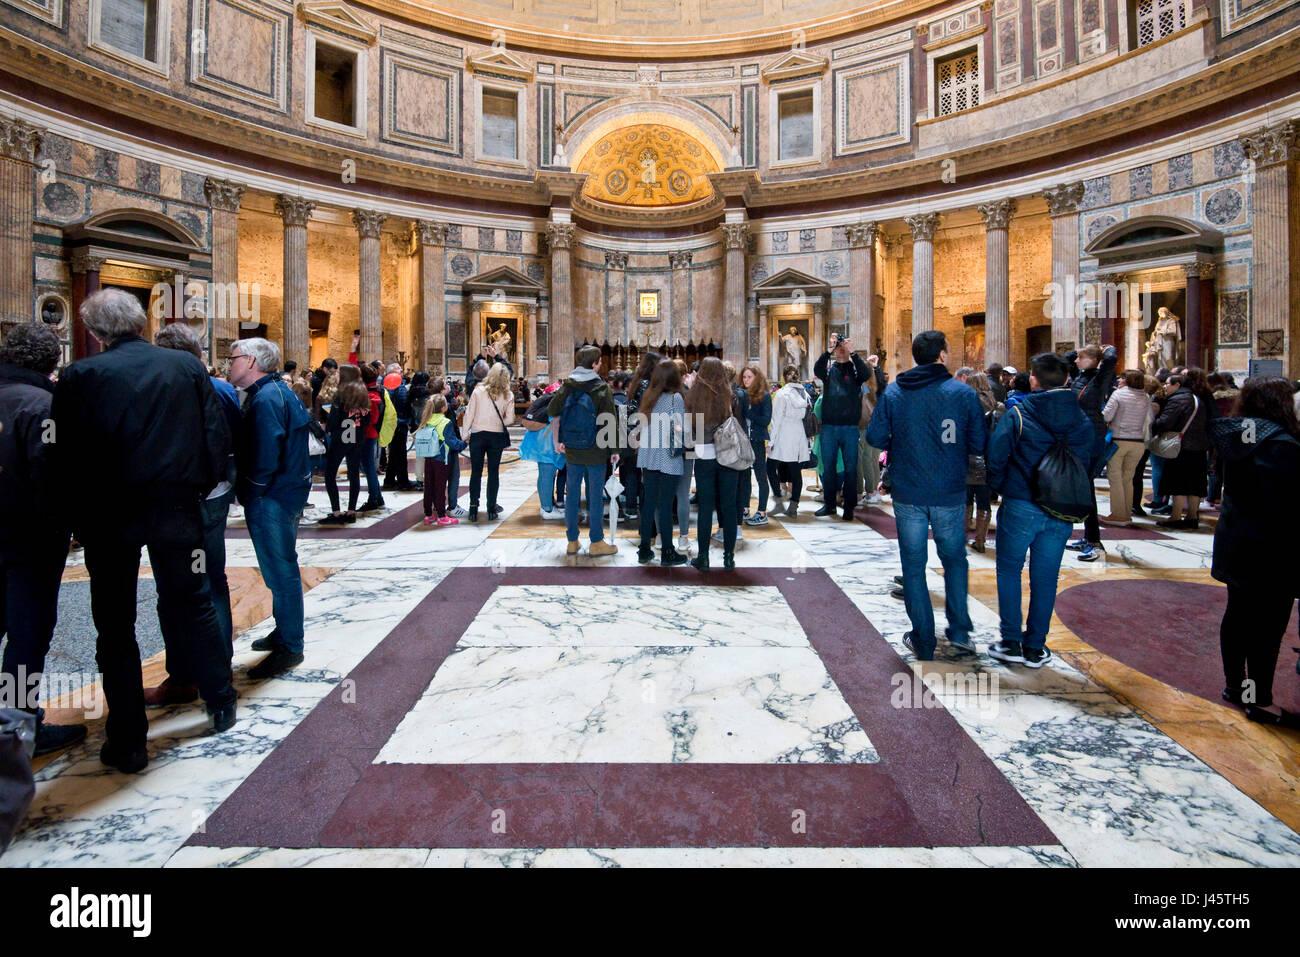 Eine Innenansicht der Touristen Besucher in das Pantheon in Rom. Stockfoto